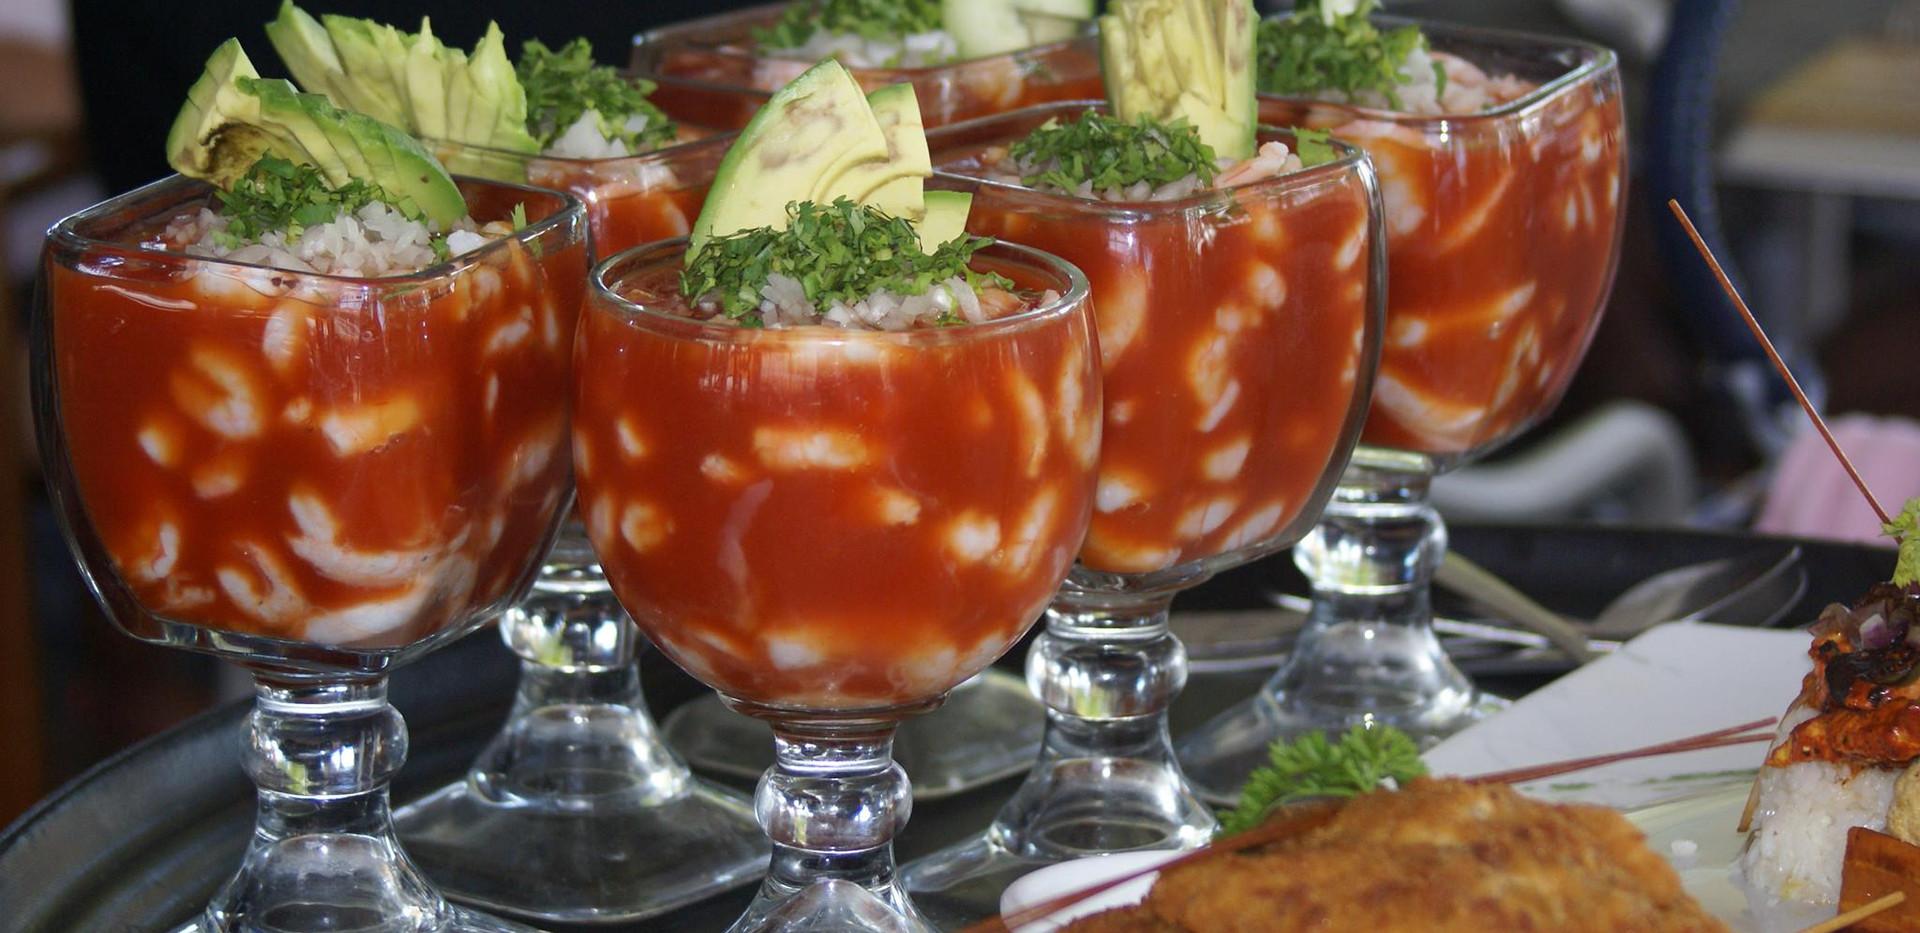 Muelle73-tasteofisla-islamujeres-food-ta